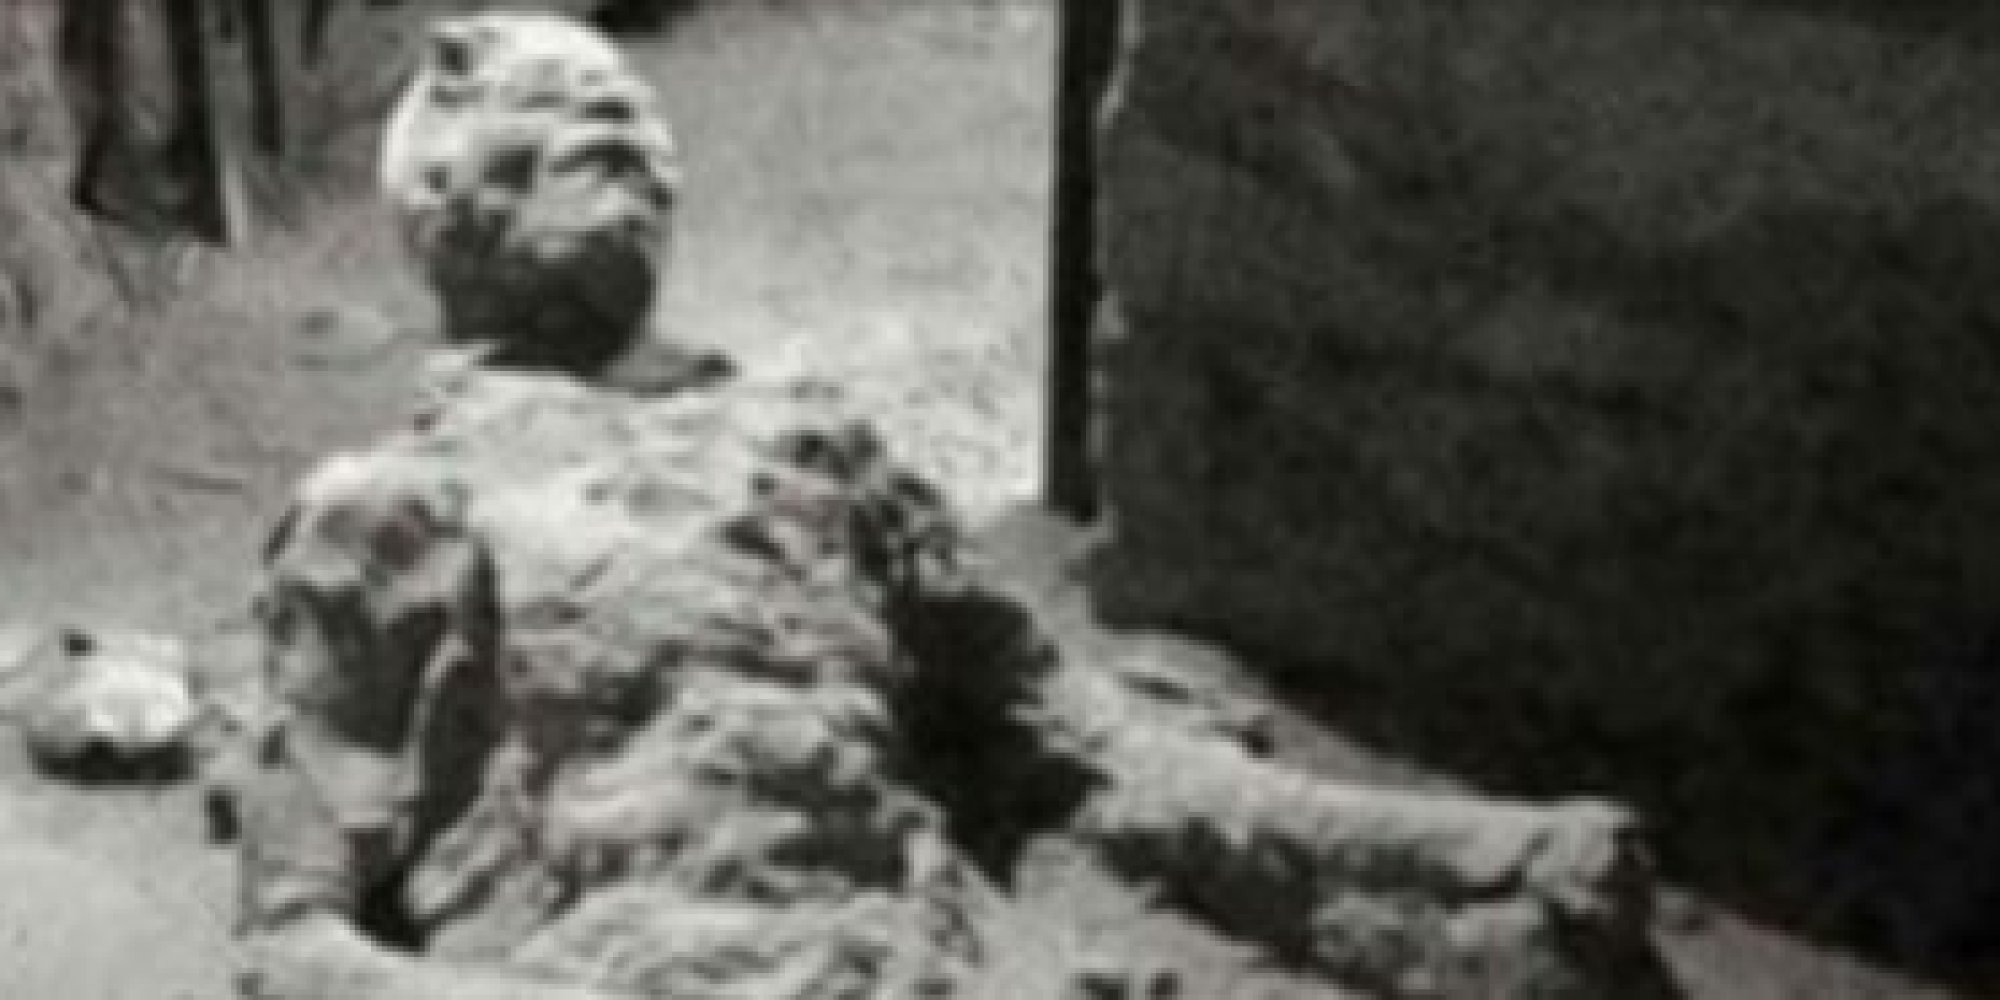 Dieser-Mann-verbrannte-79-n-Chr-eine-Aufnahme-enth-llt-was-er-im-Angesicht-des-Todes-getan-hat